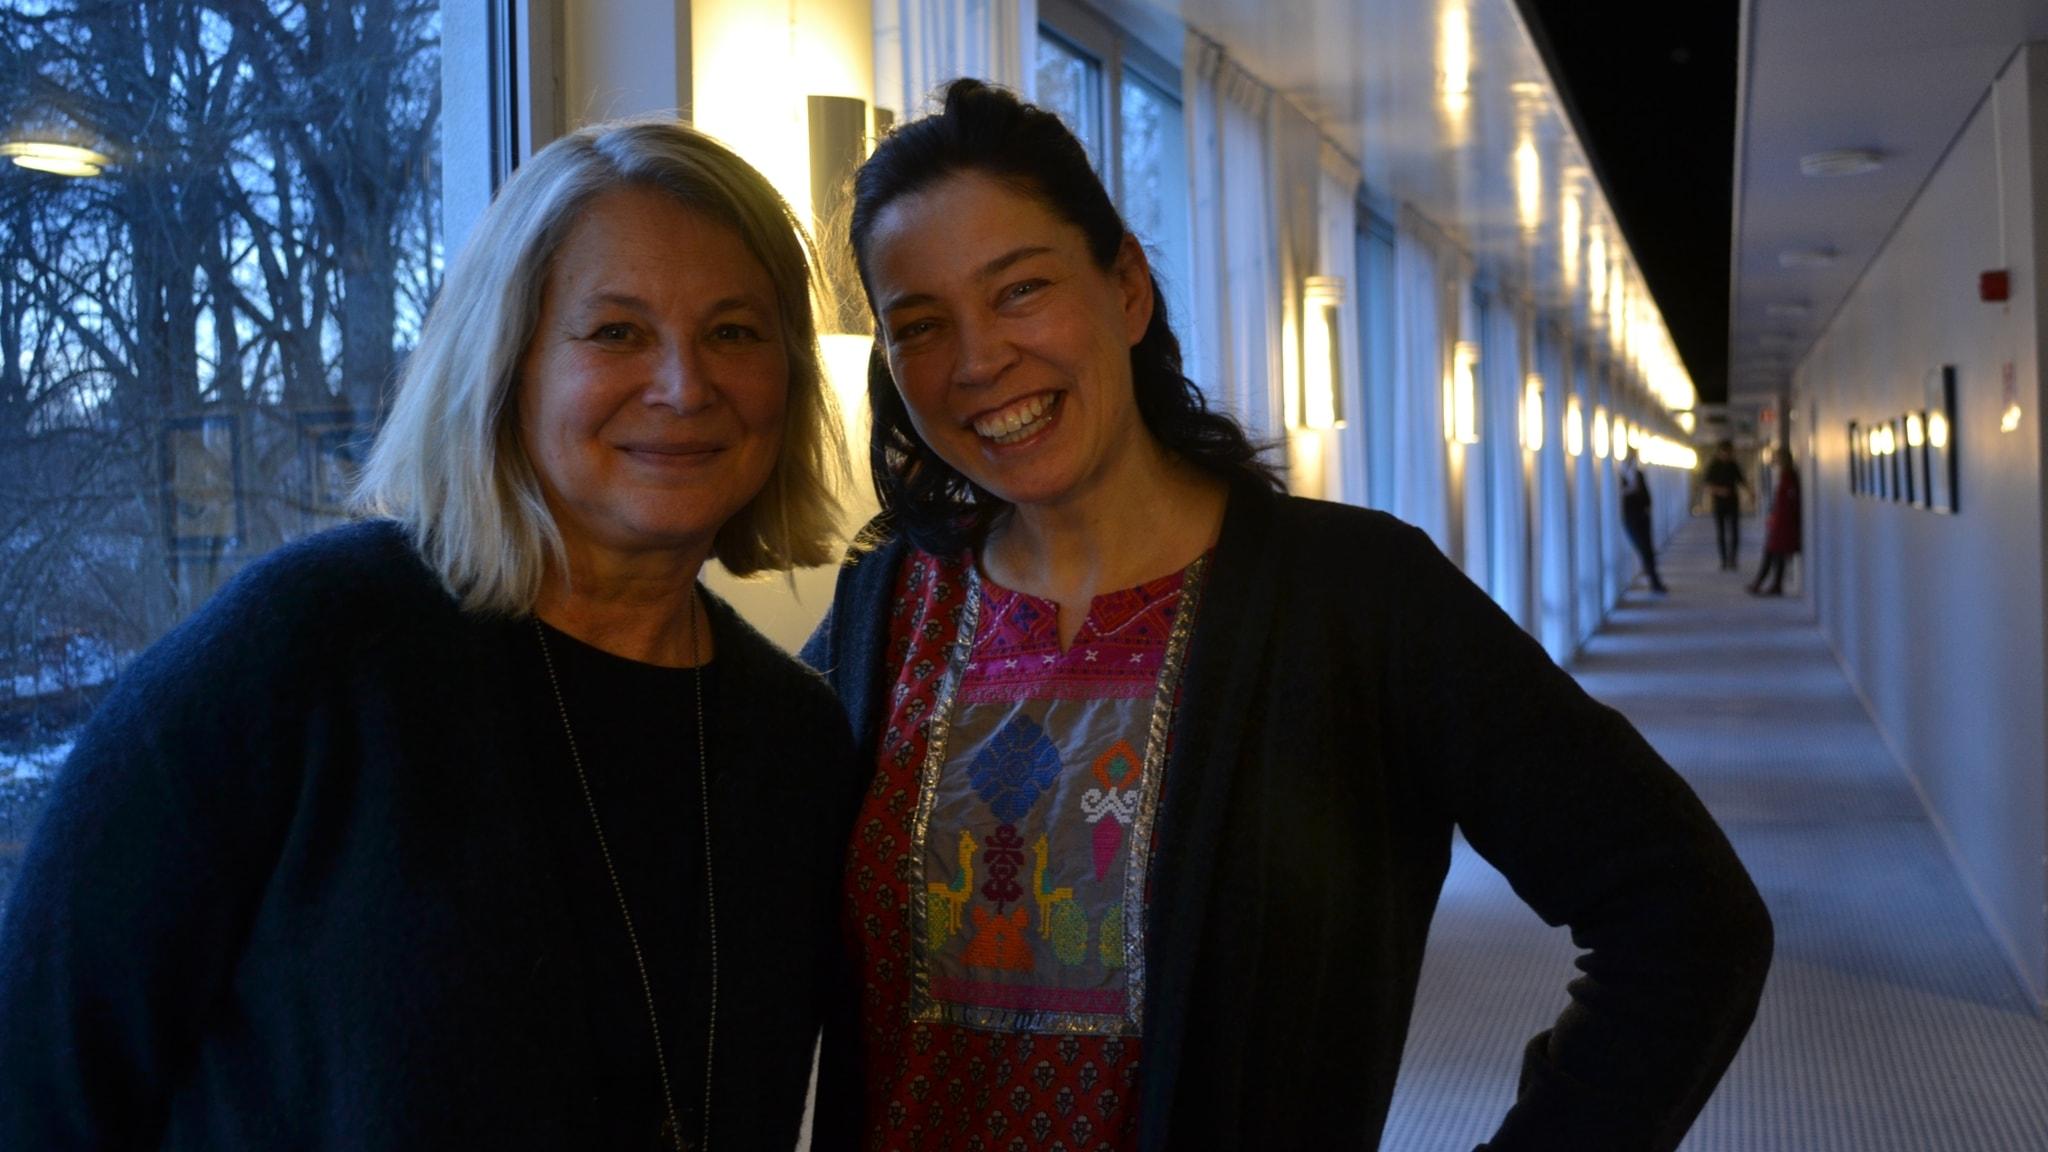 Vi träffar Helena von Zweigbergk och Karolina Ramqvist - och funderar på tryck i textrader när döden är nära.